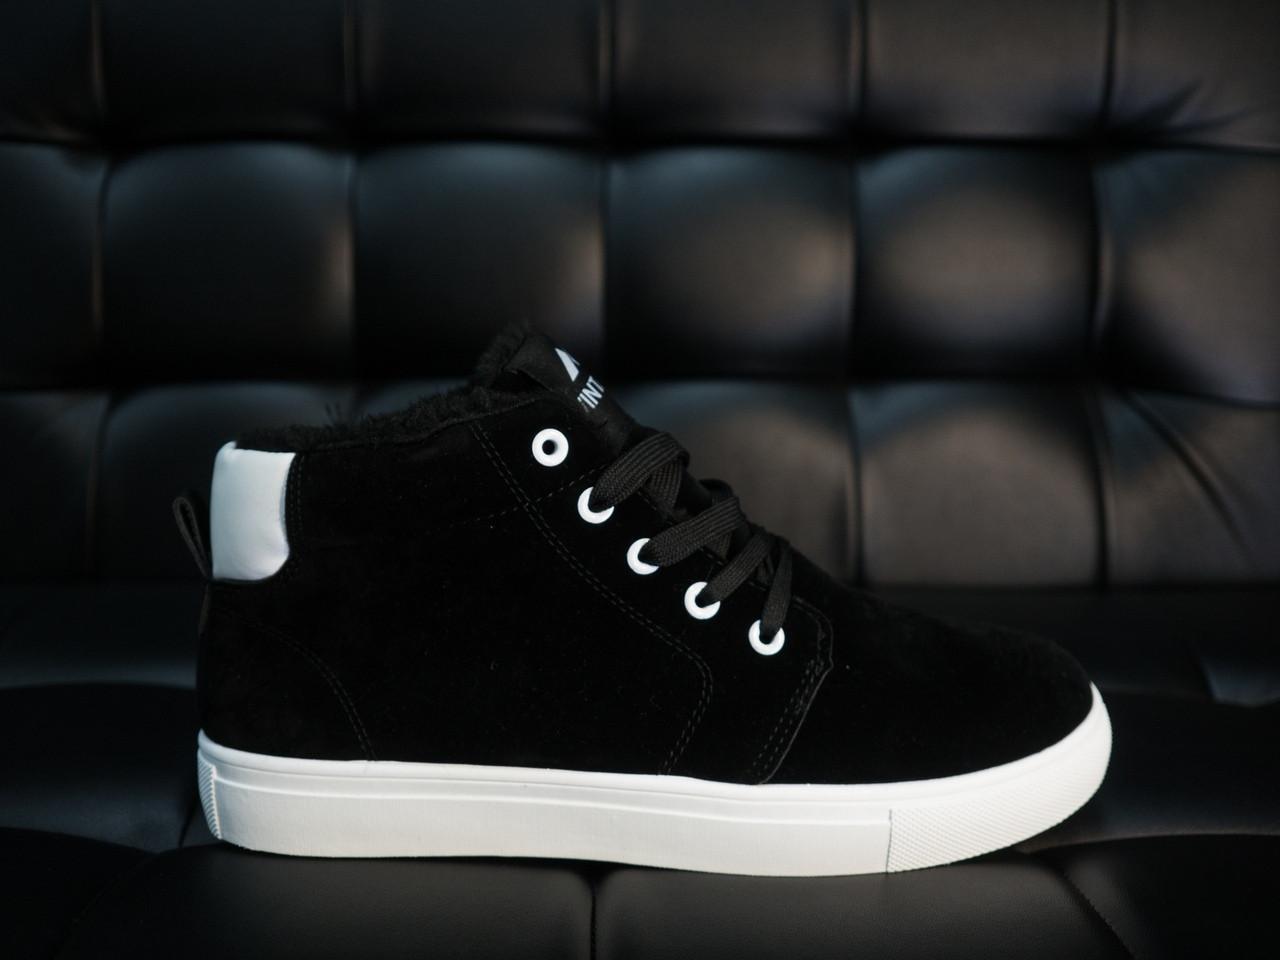 Кроссовки мужские Vintage замшевые стильные высокие на меху зимние черные с белой подошве, ТОП-реплика